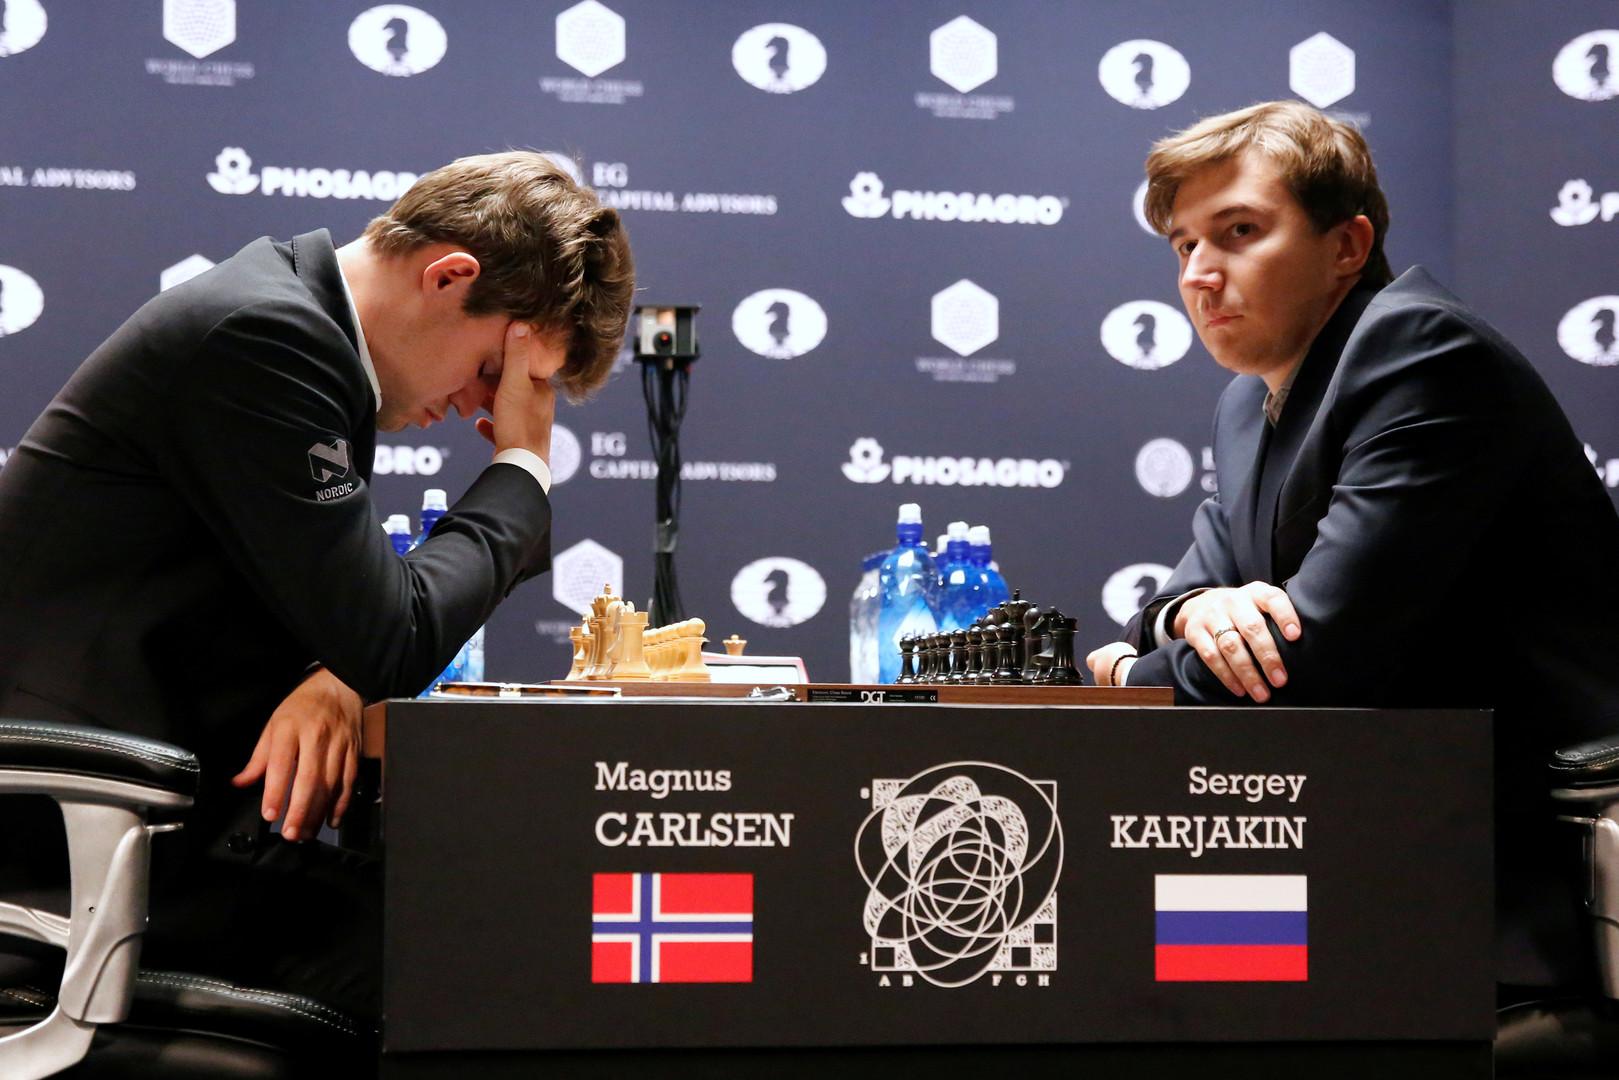 Штиль на экваторе: Карякин и Карлсен расписали ничью в самой скоротечной партии